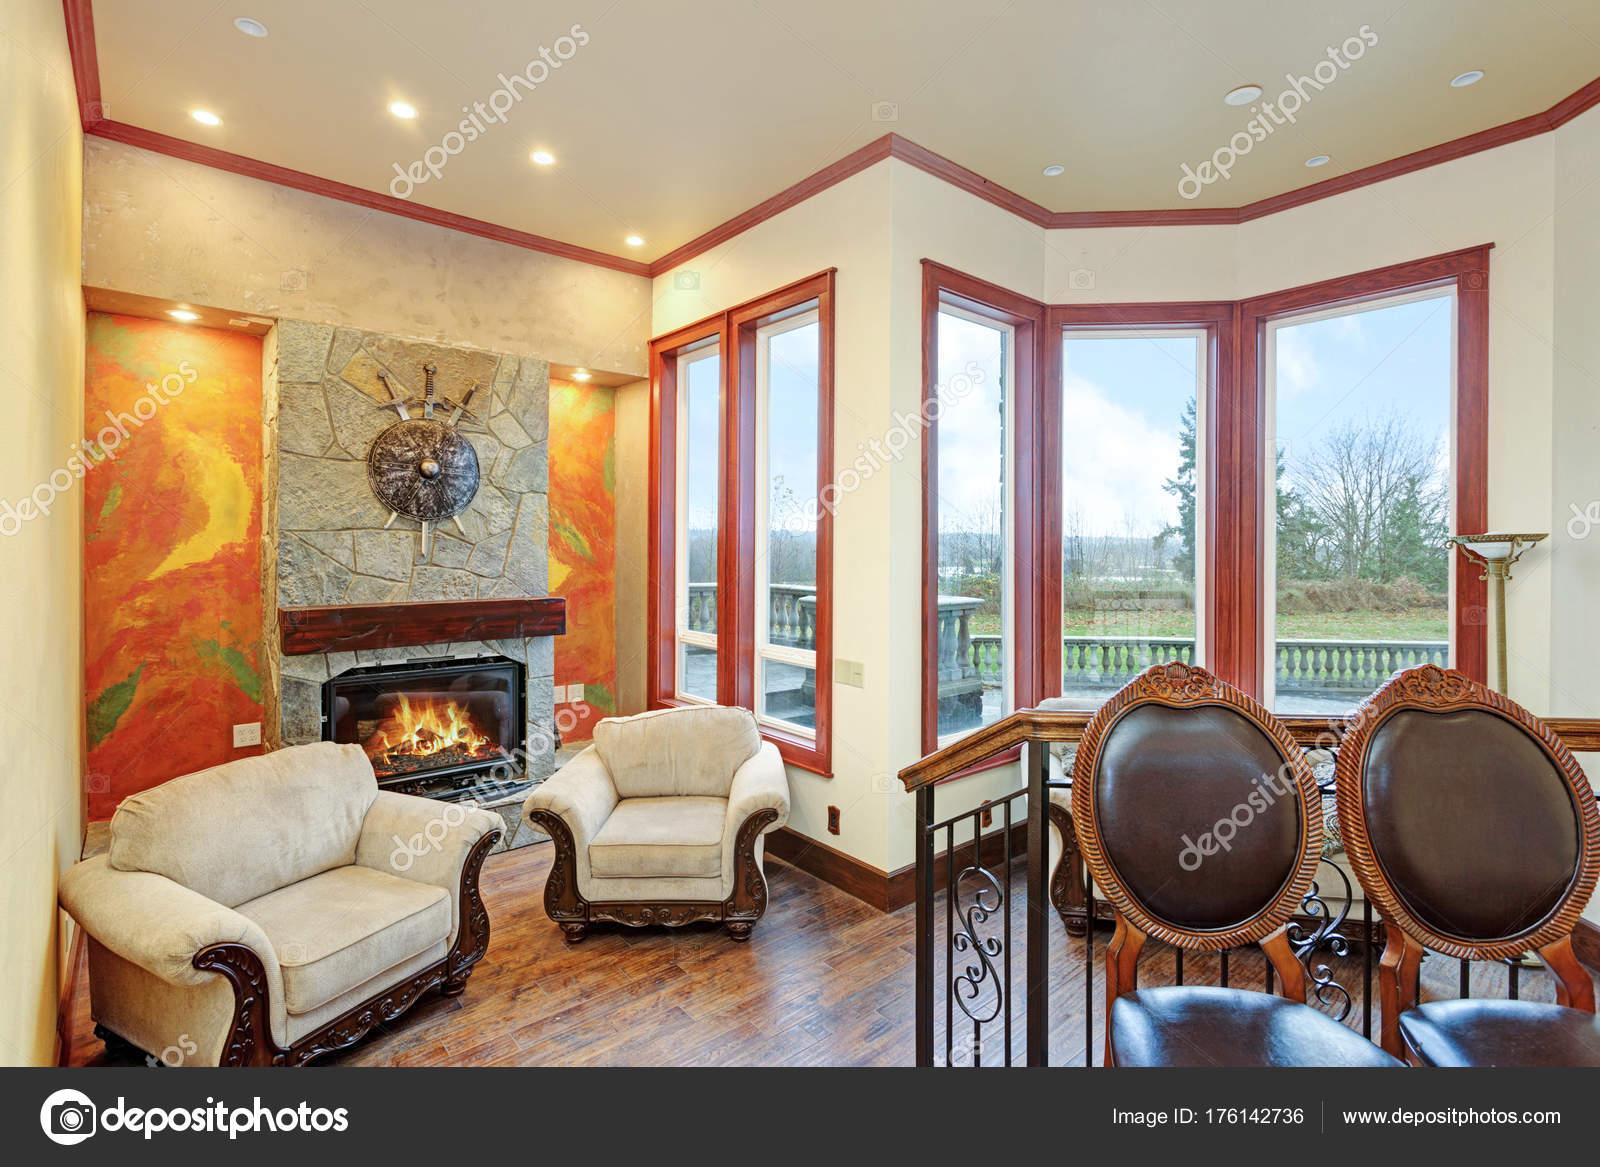 Warme gemütliche Familienzimmer mit einem luxuriösen Herrenhaus ...